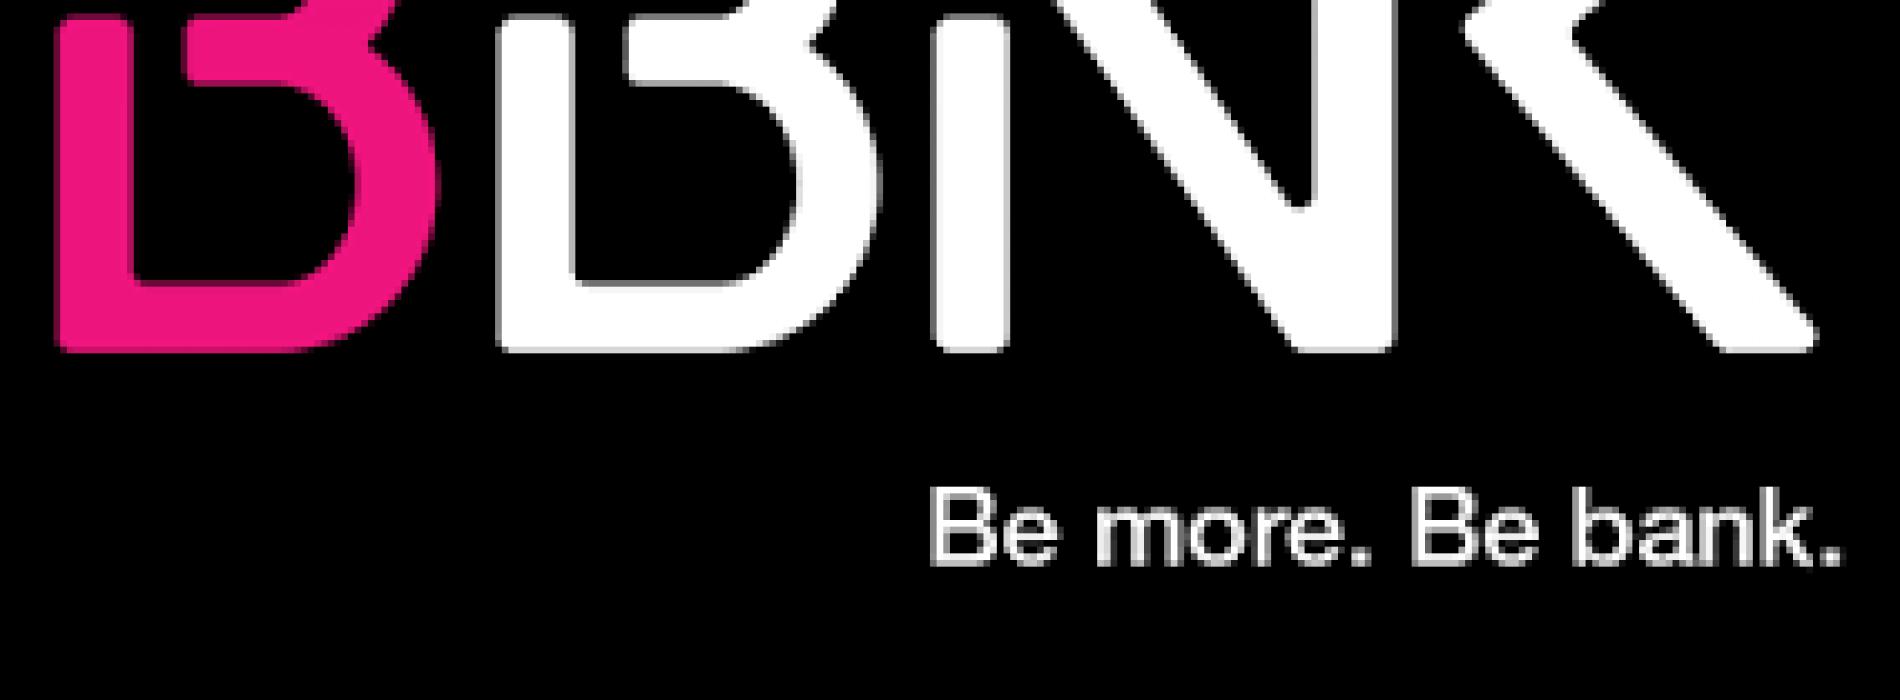 Banco digital BBNK recebe aporte para investimento para que empresas não financeiras tenham seu próprio braço financeiro com Marca Própria